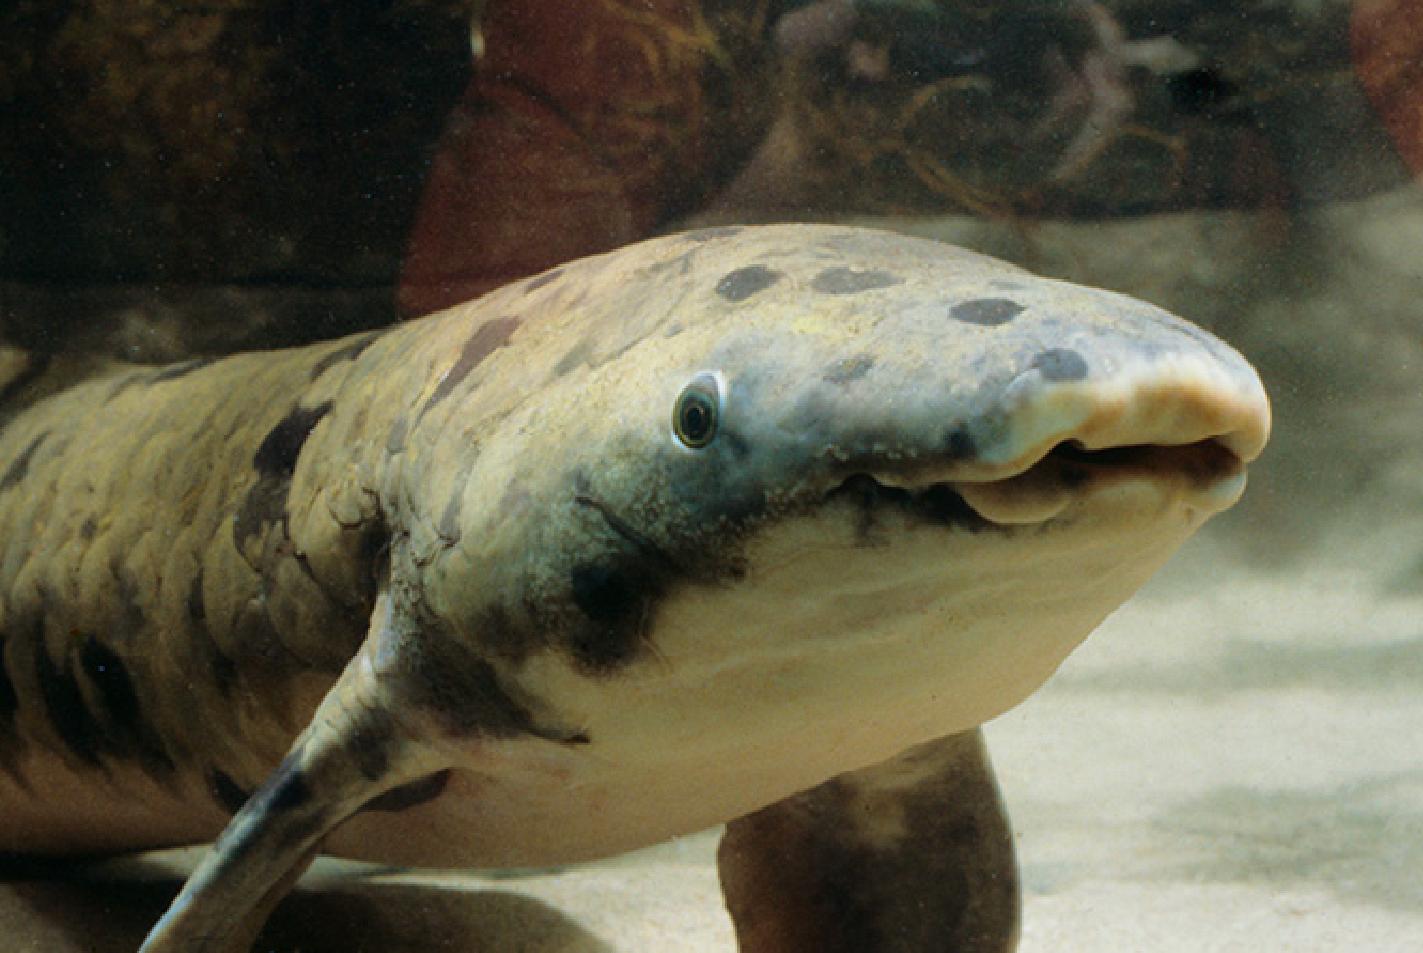 'Granddad,' Oldest Aquarium Fish In The World, Dies